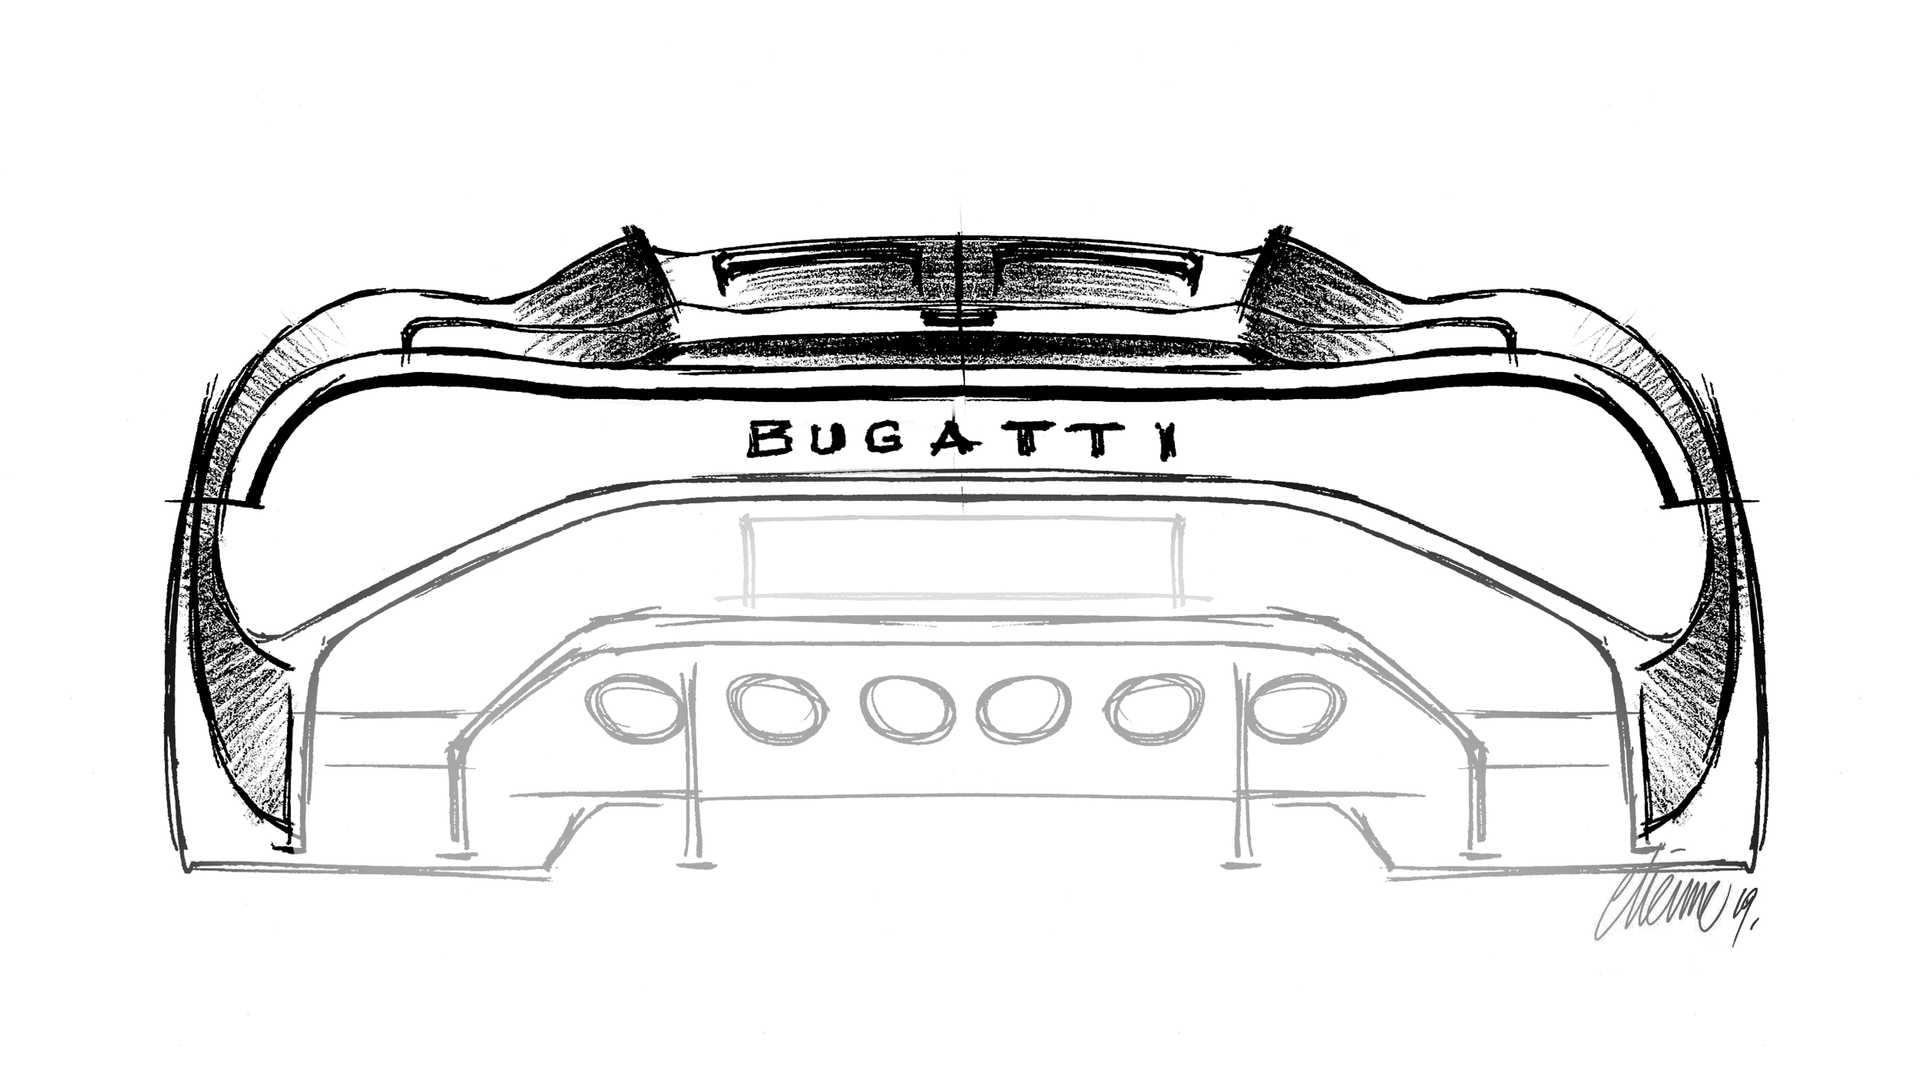 bugatti-la-voiture-noire (35)